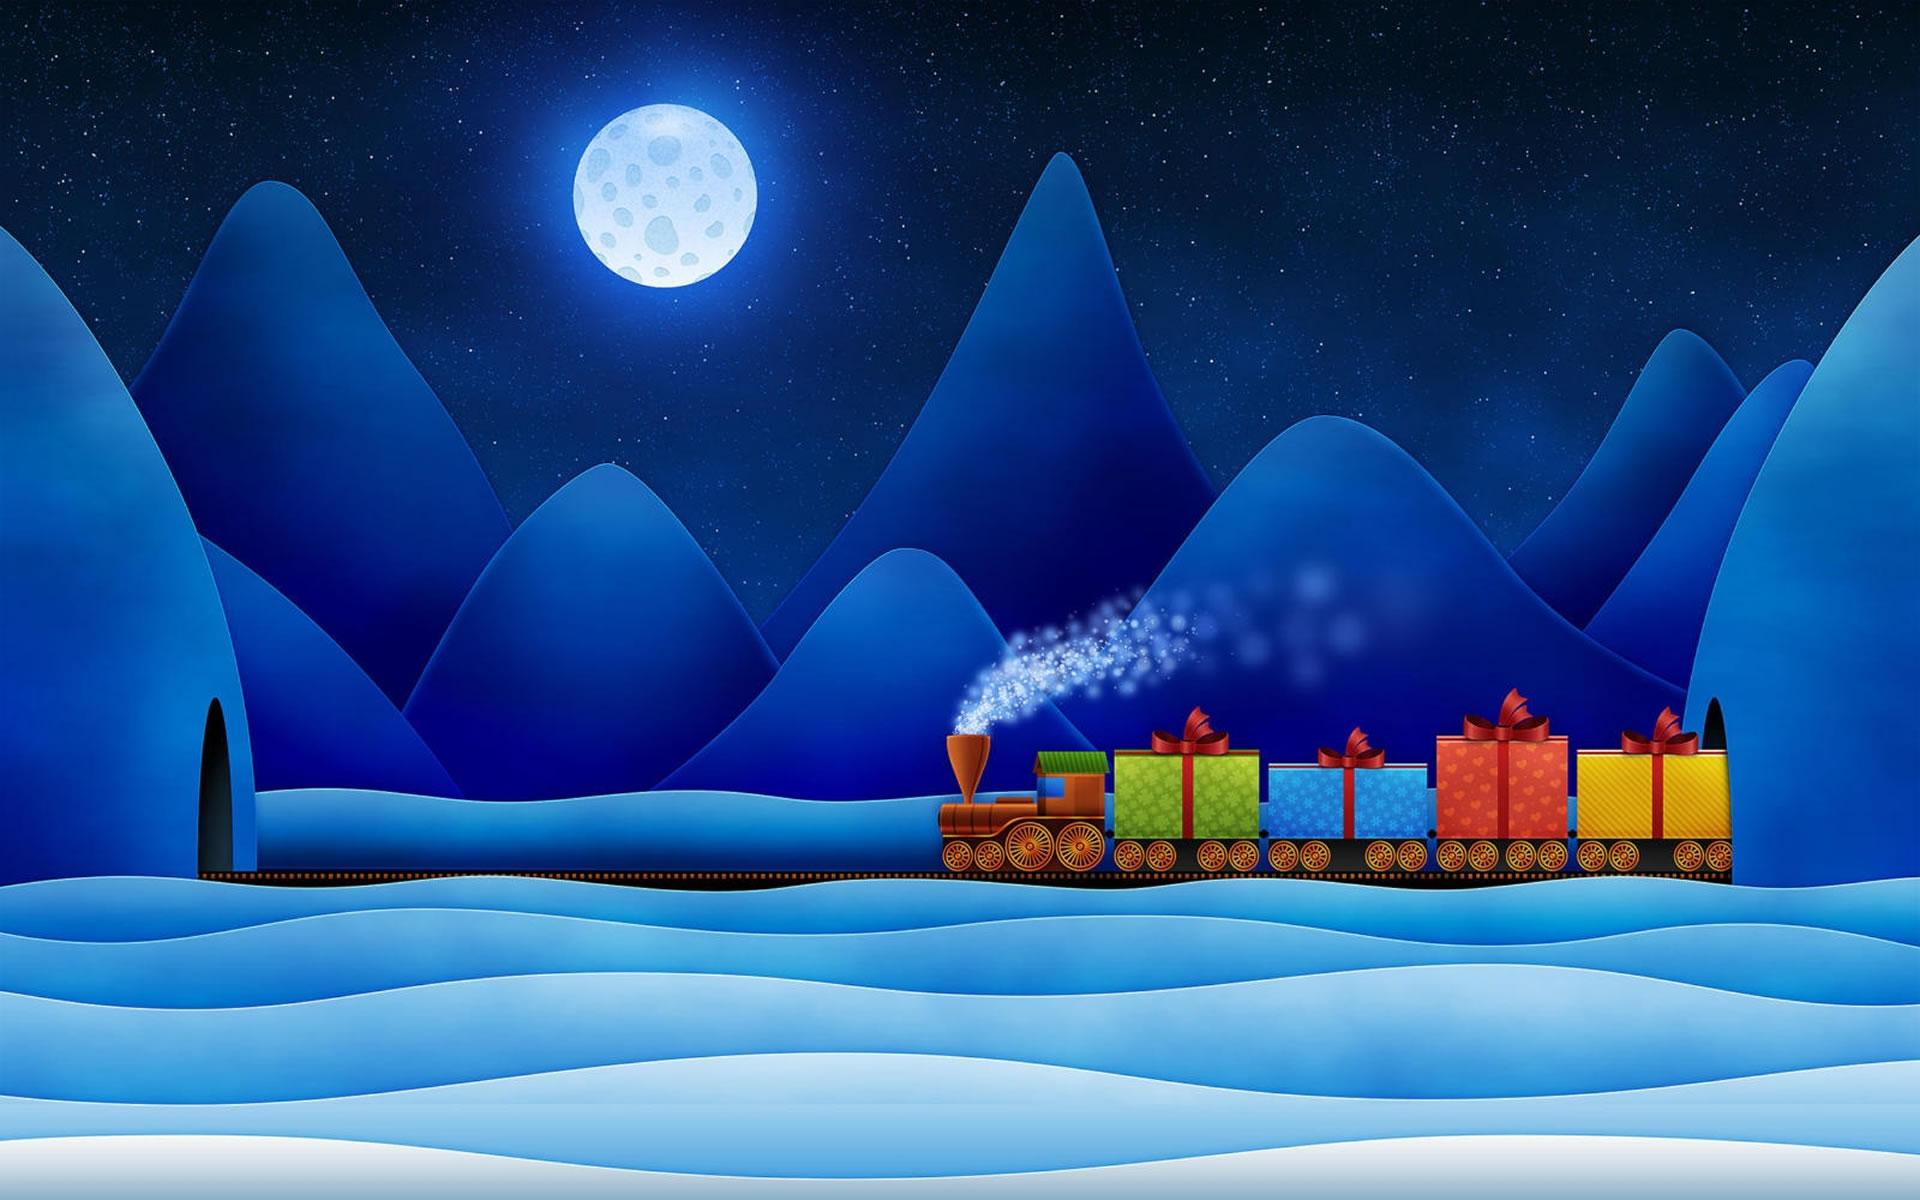 El origen de la Navidad Wallpaper.